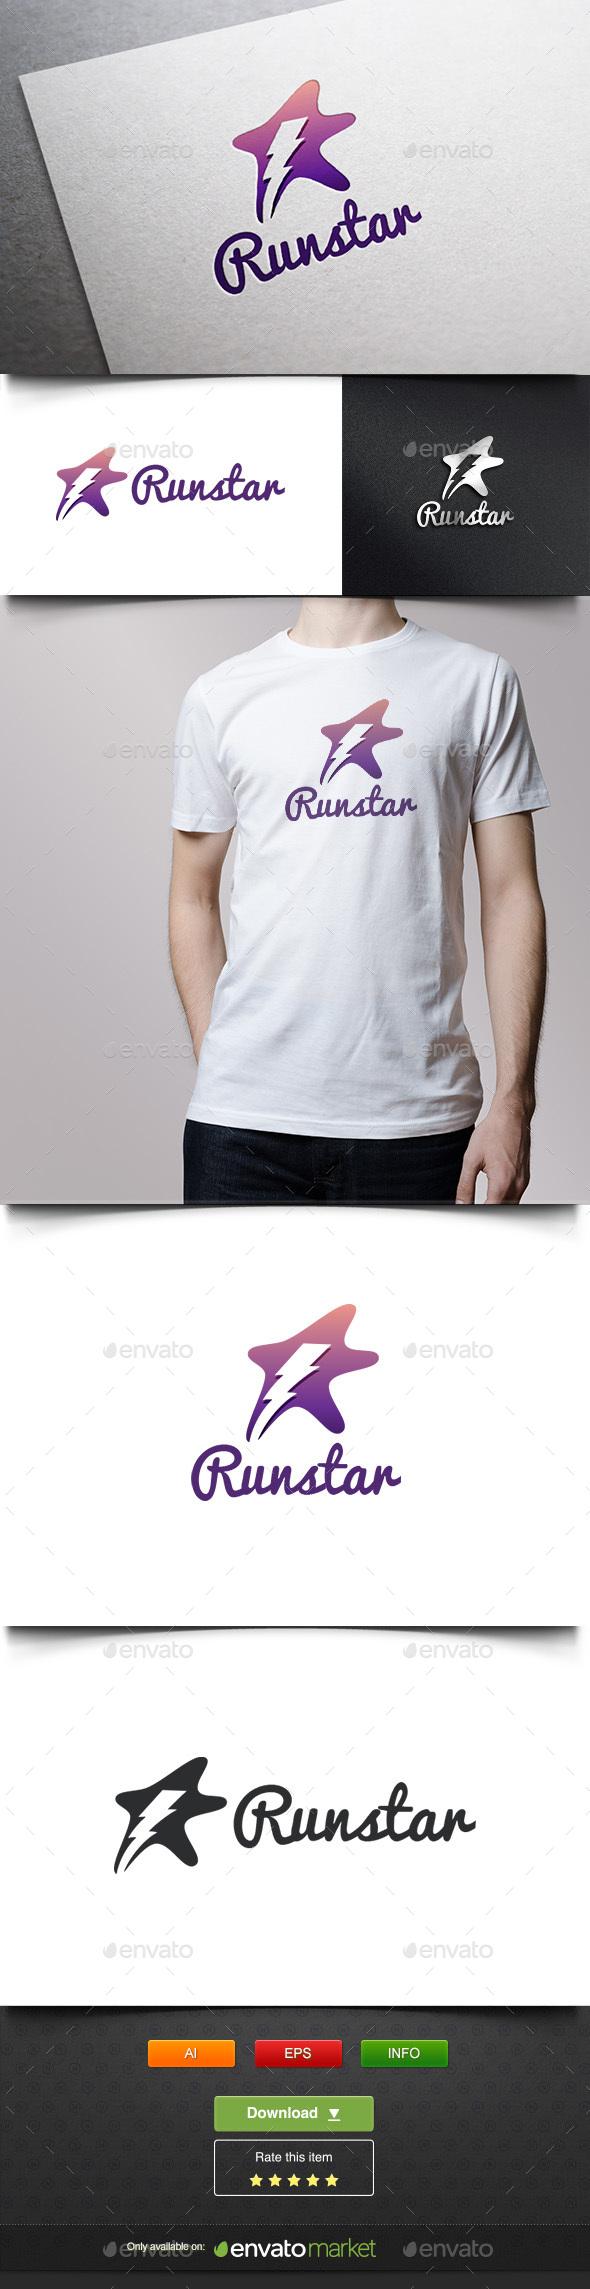 Runstar - Symbols Logo Templates